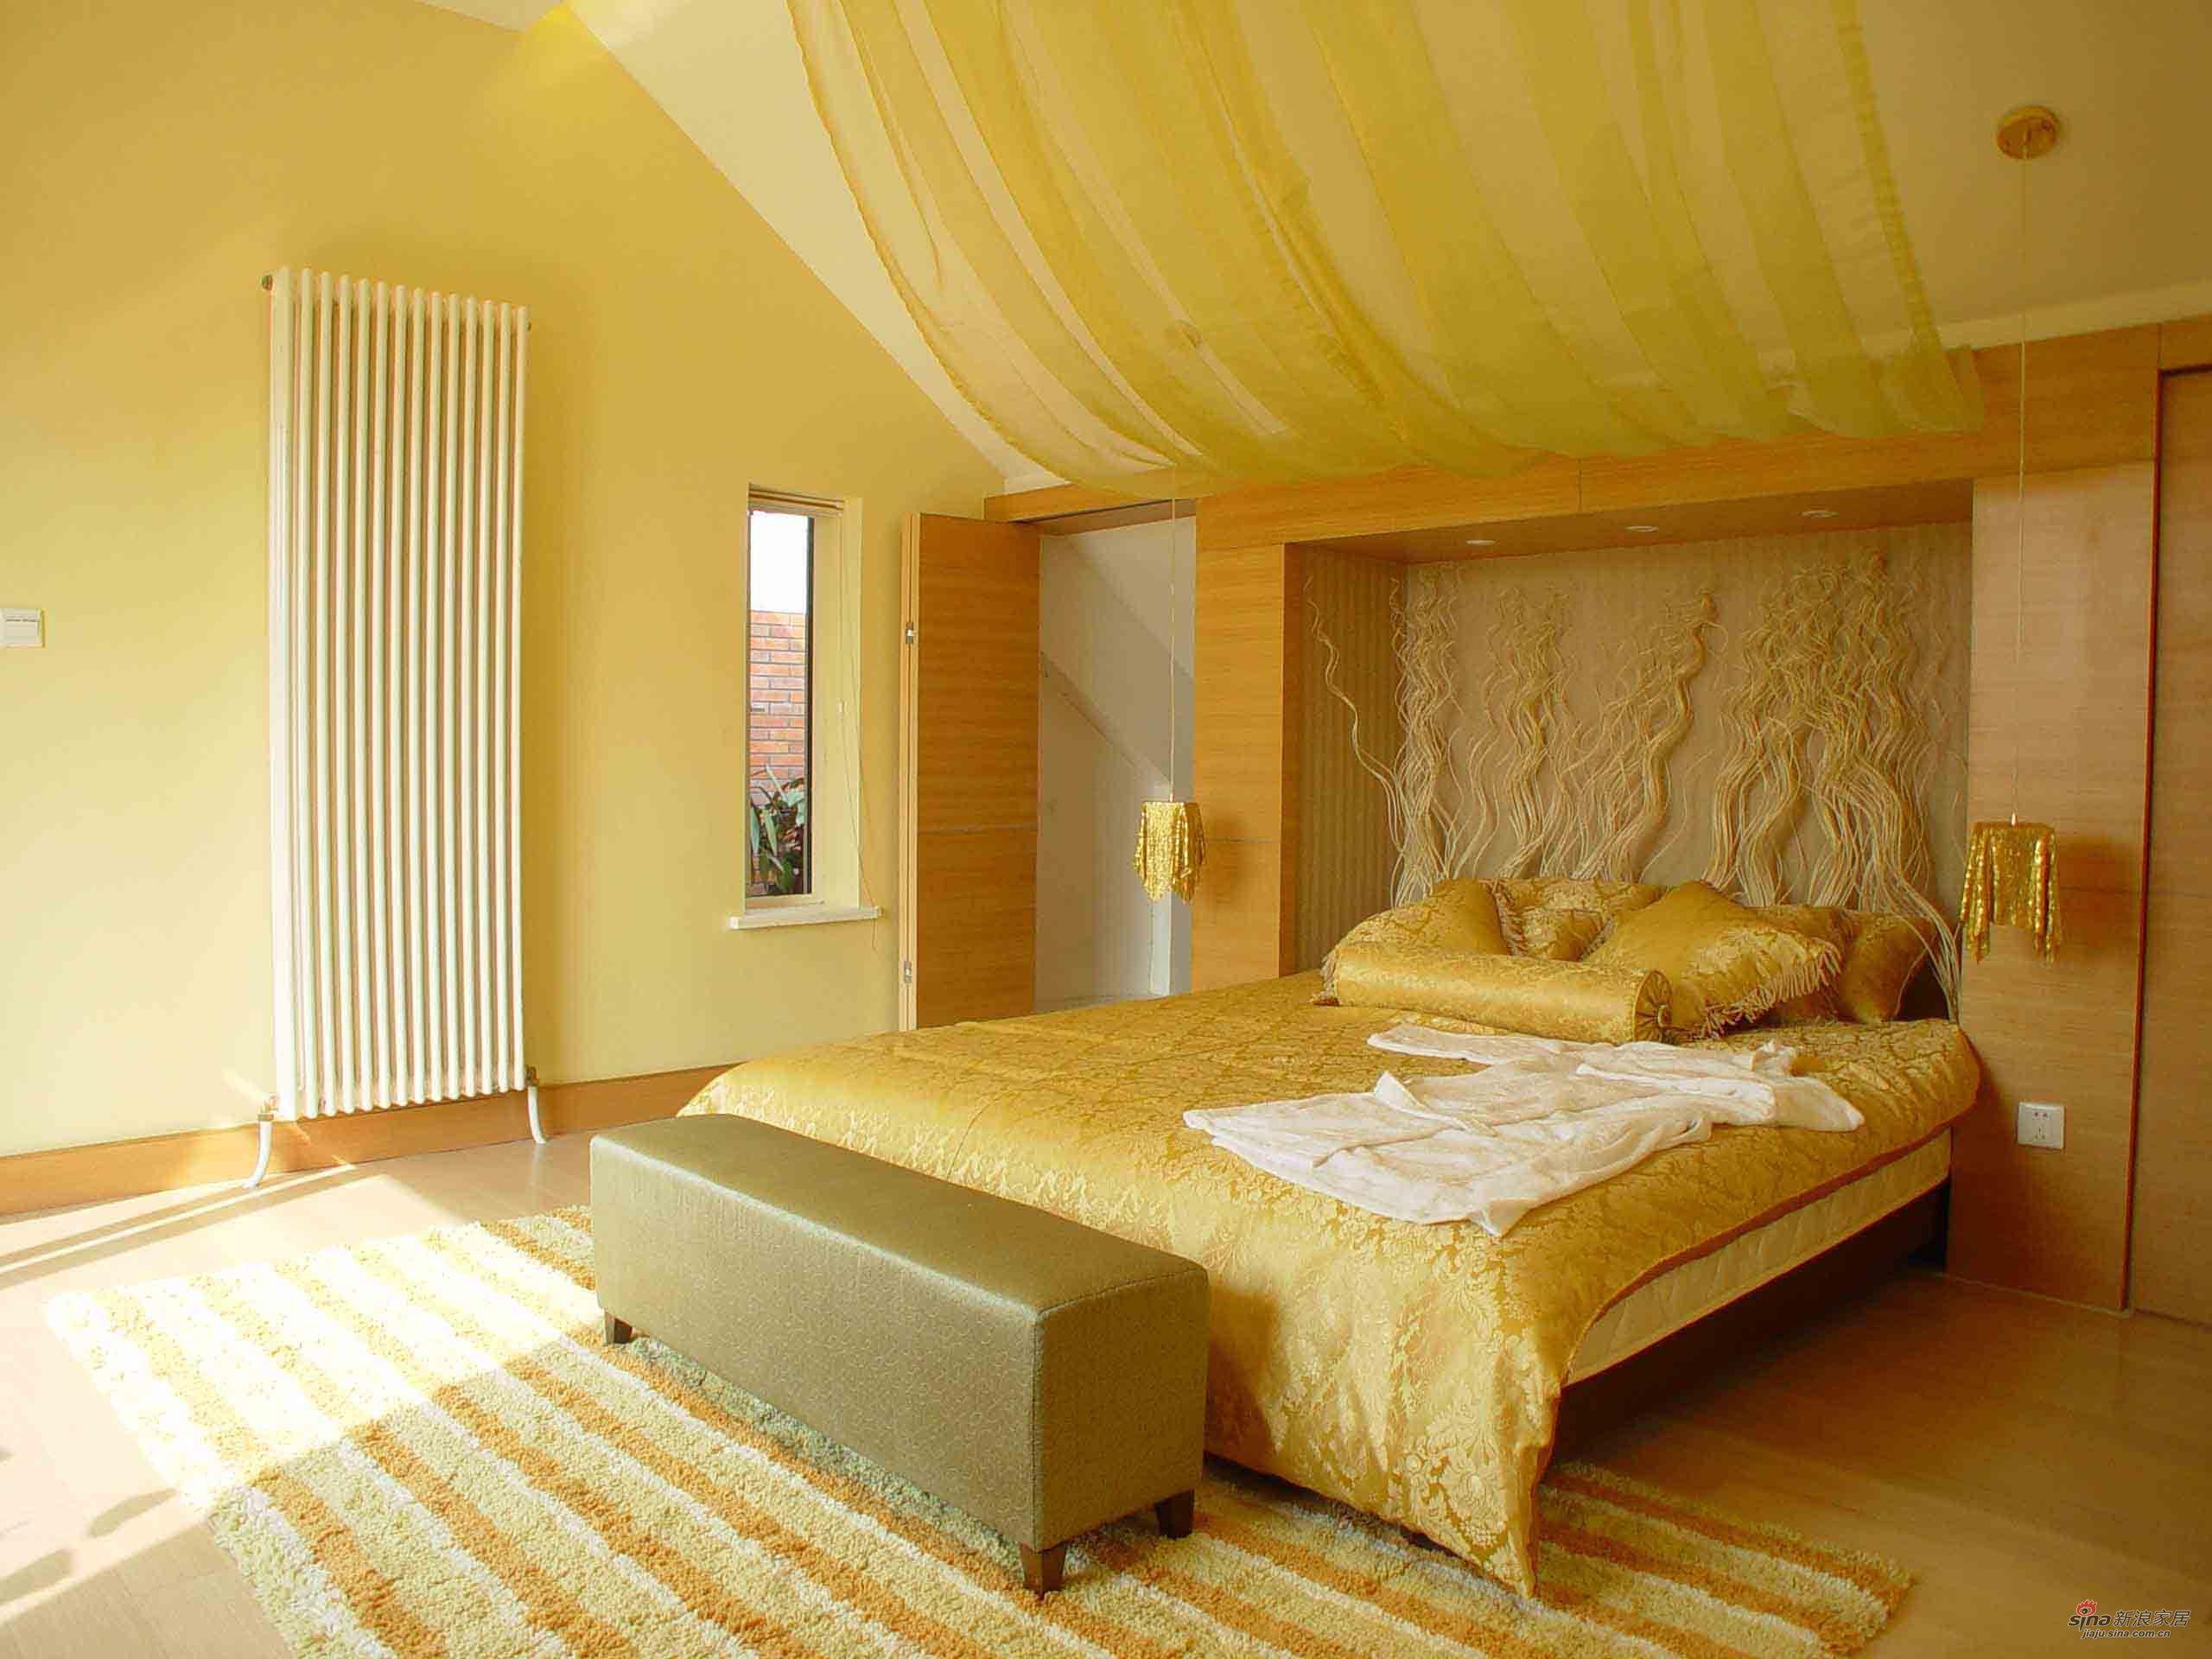 其他 复式 客厅图片来自用户2558757937在典雅气质生活实拍150平带阁楼22的分享